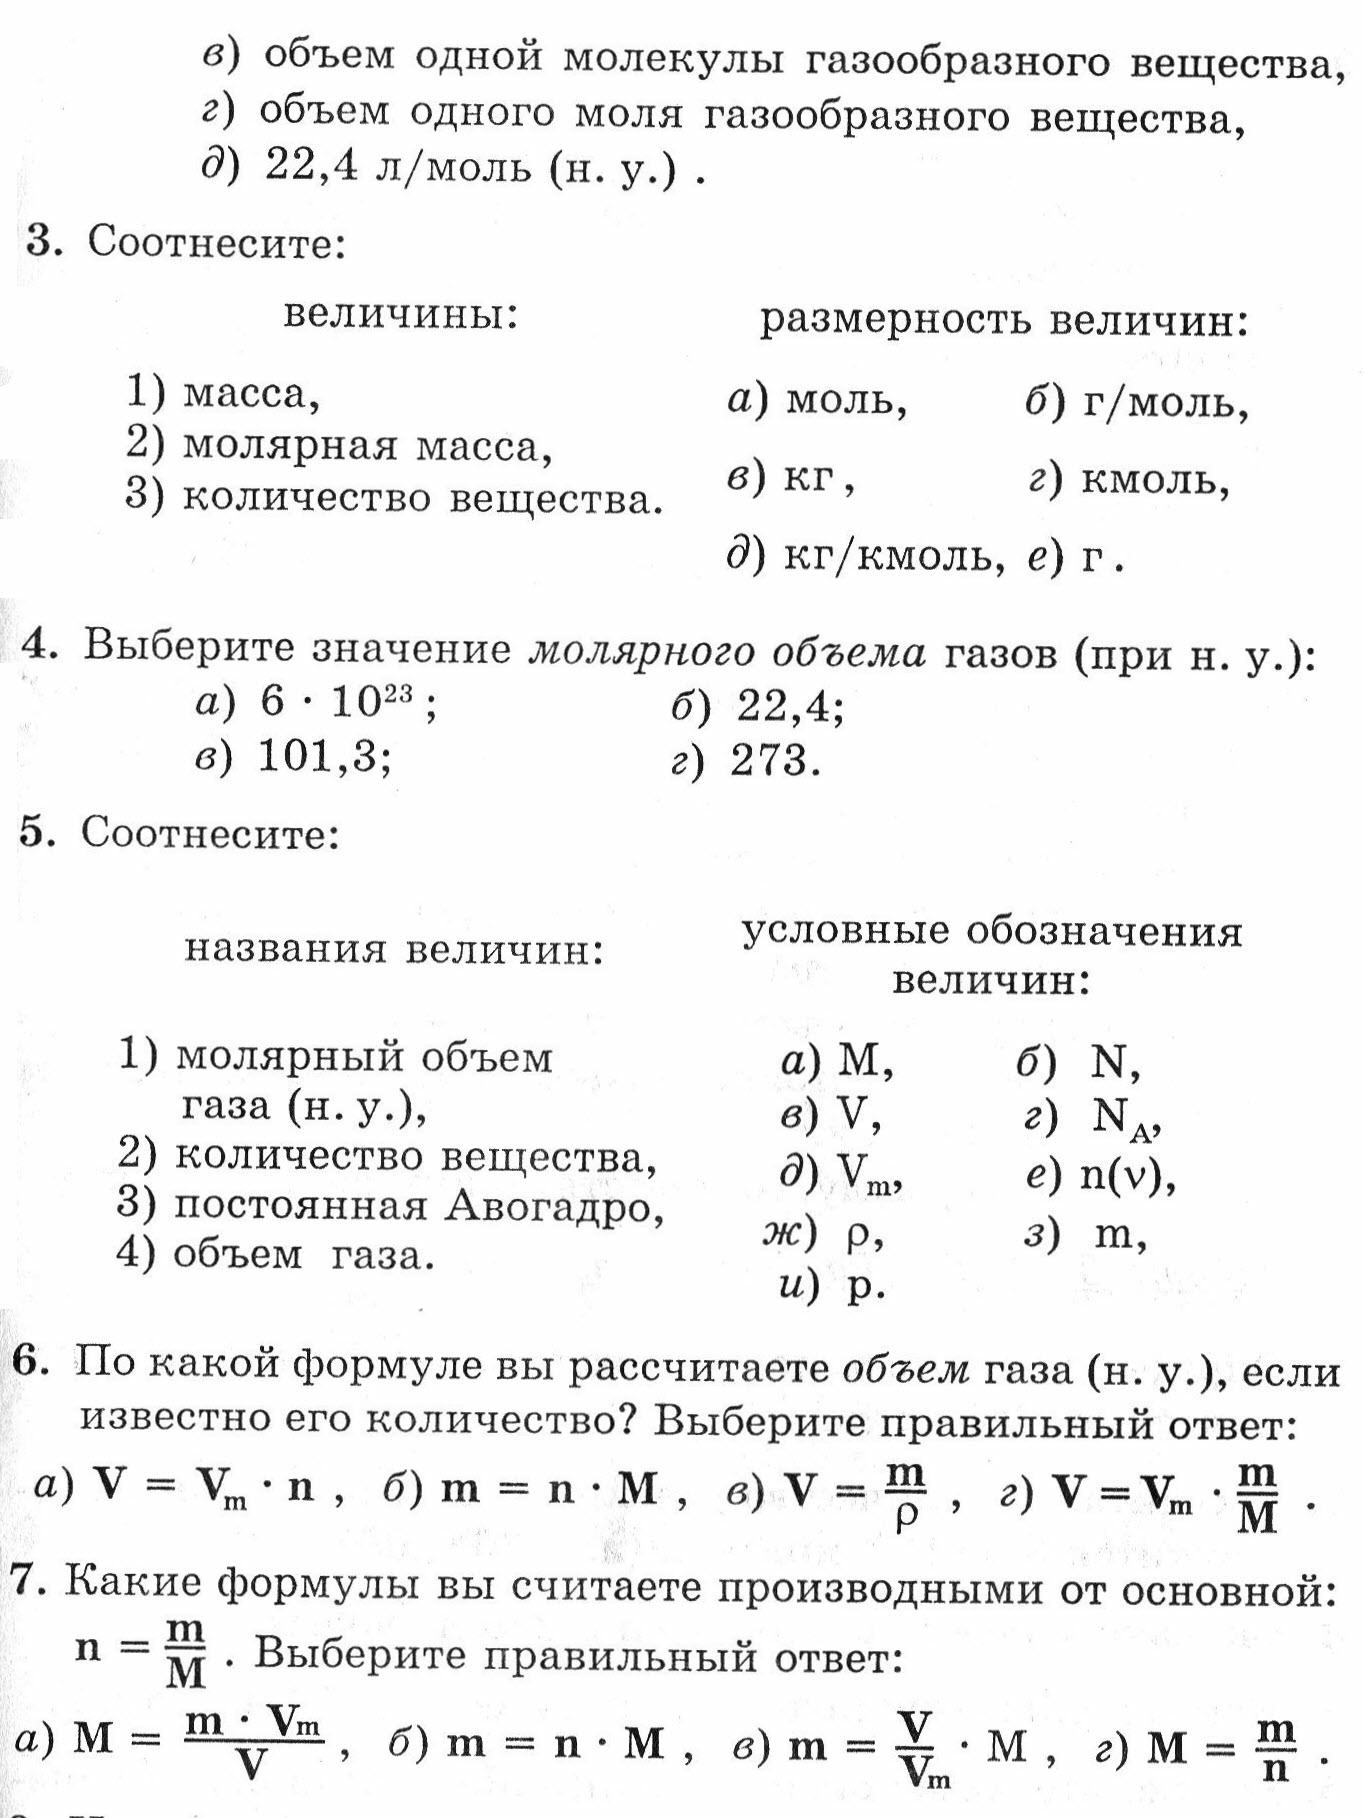 Практическое решение задач по химии решение социокультурных задач что это